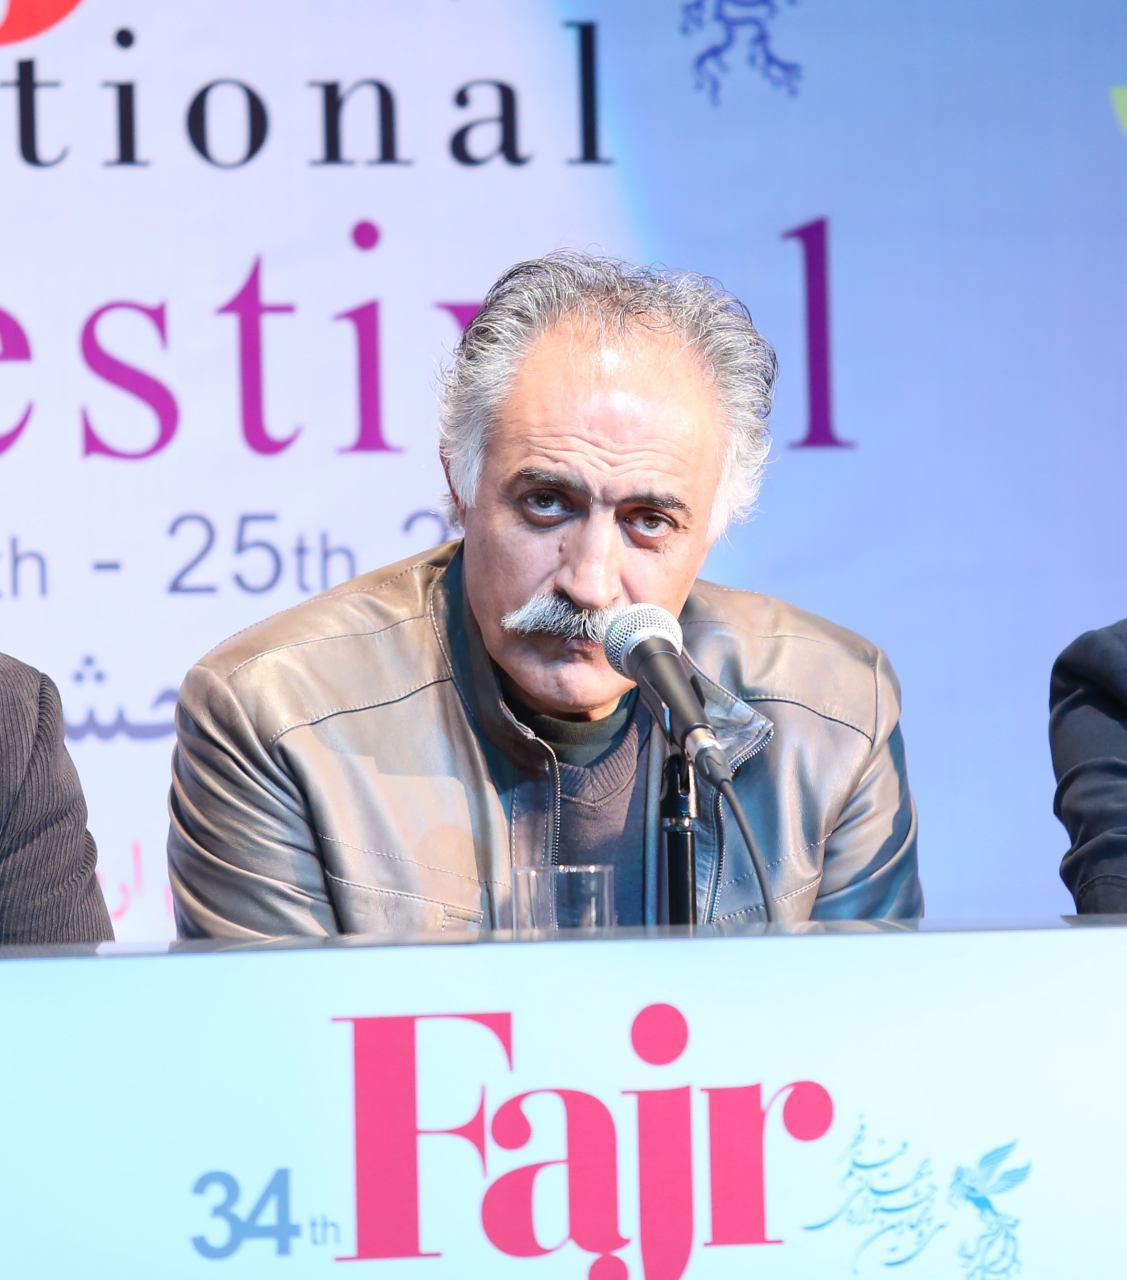 شجاعنوری: در جشنواره باید با سلائق مختلف آشنا شد